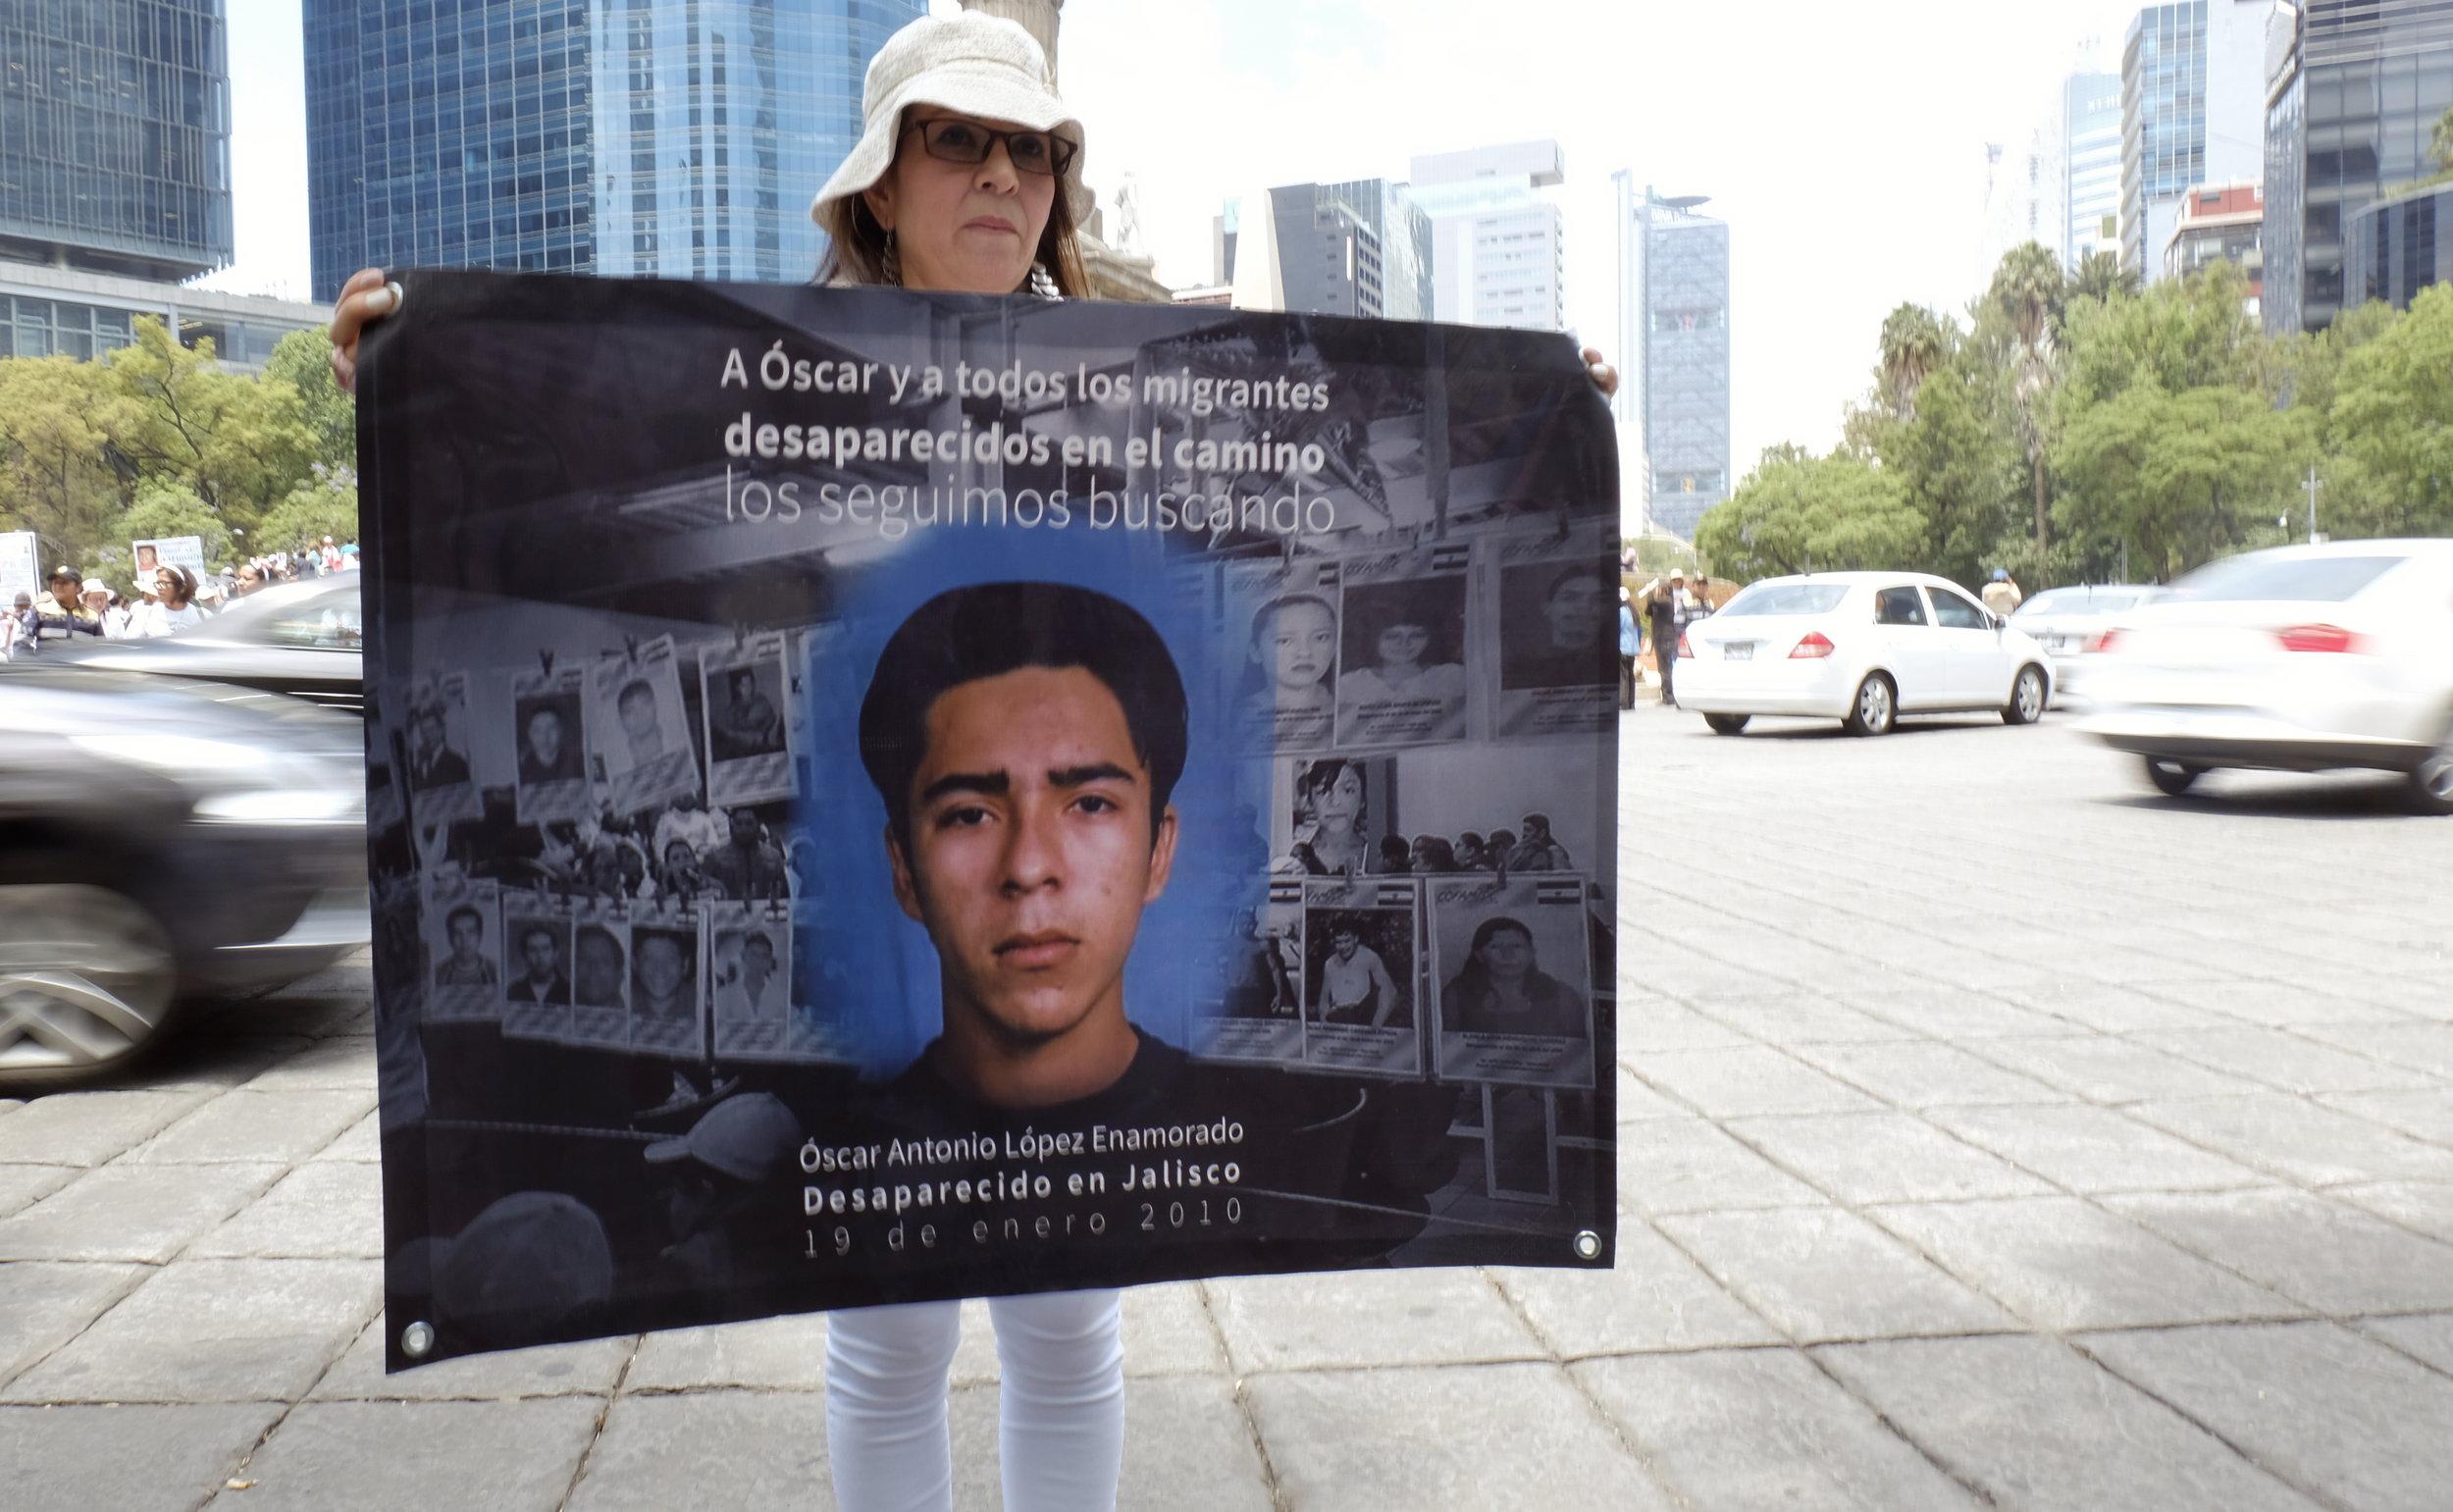 Ana Enamorado sostiene la foto de su hijo Oscar Antonio, migrante hondureño desaparecido en 2010 en Jalisco.  Foto: Paloma Robles / Quinto Elemento Lab